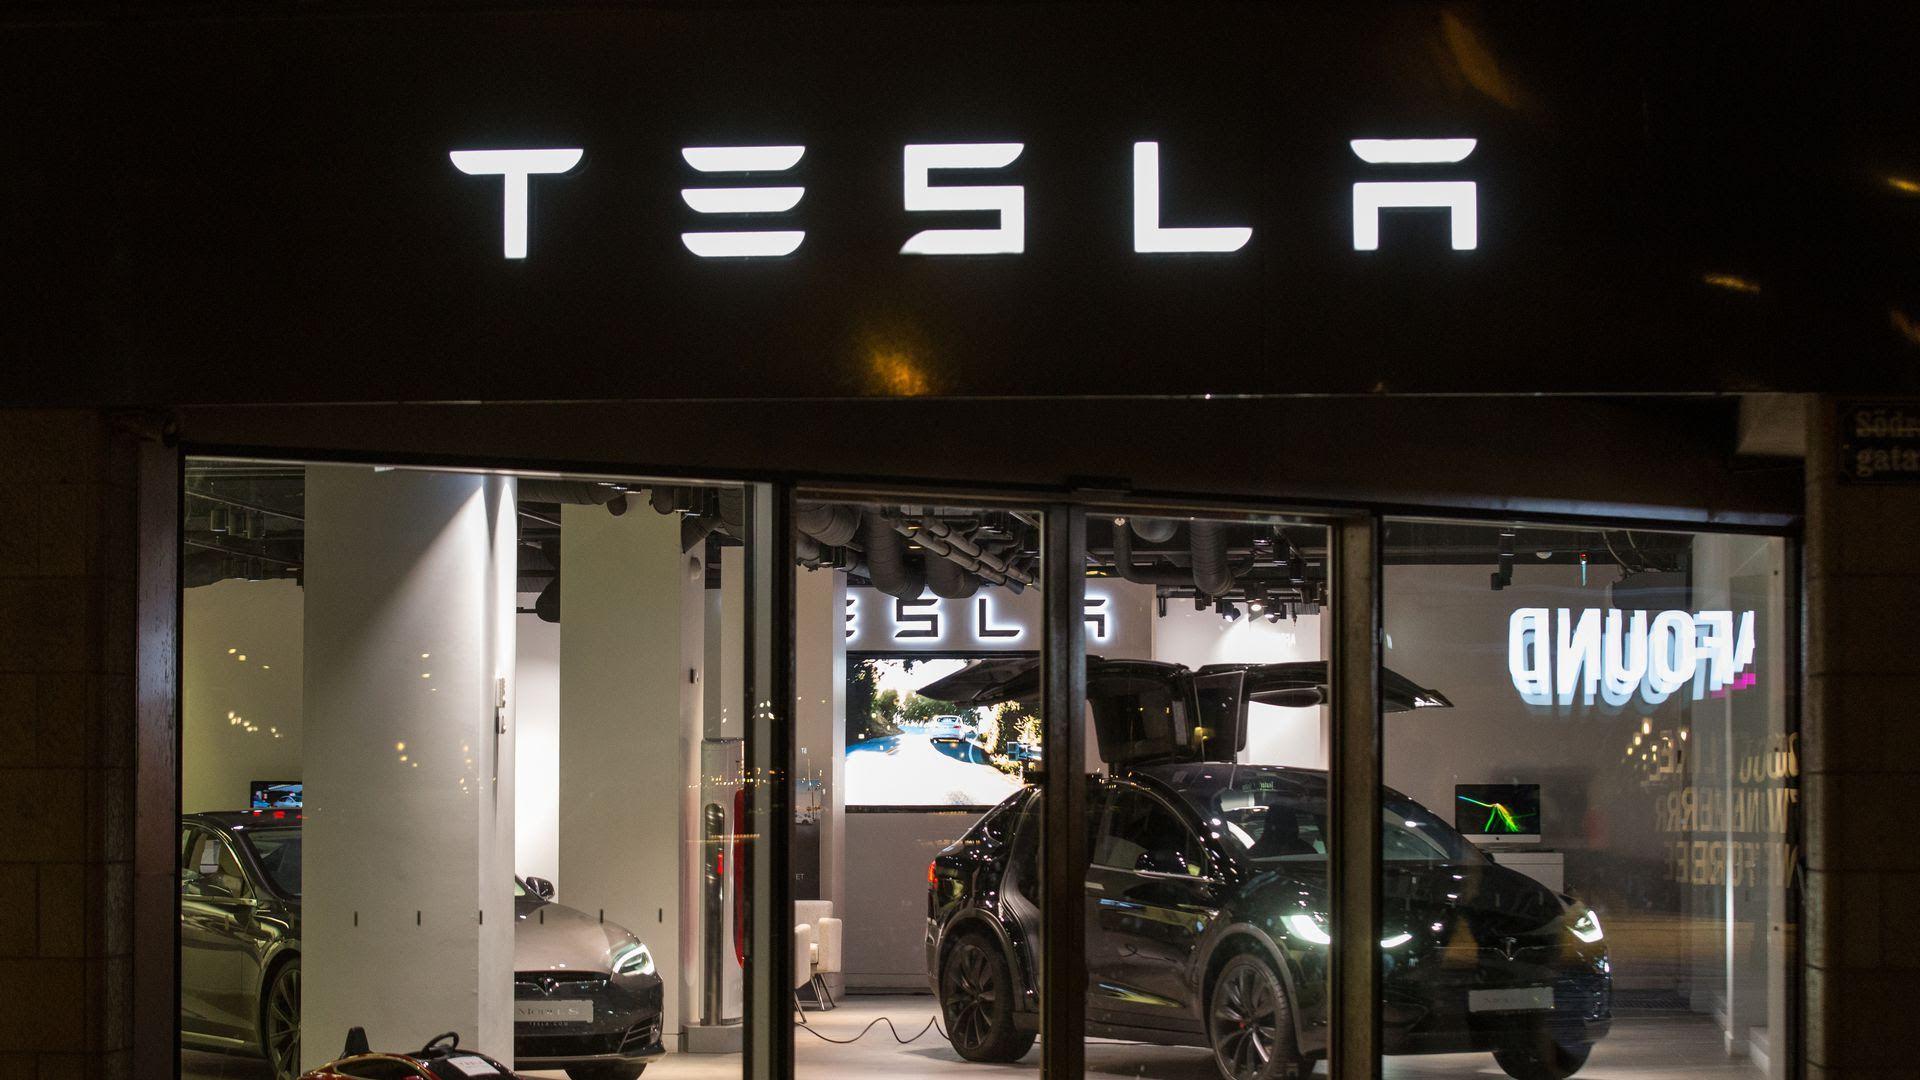 A Tesla care store